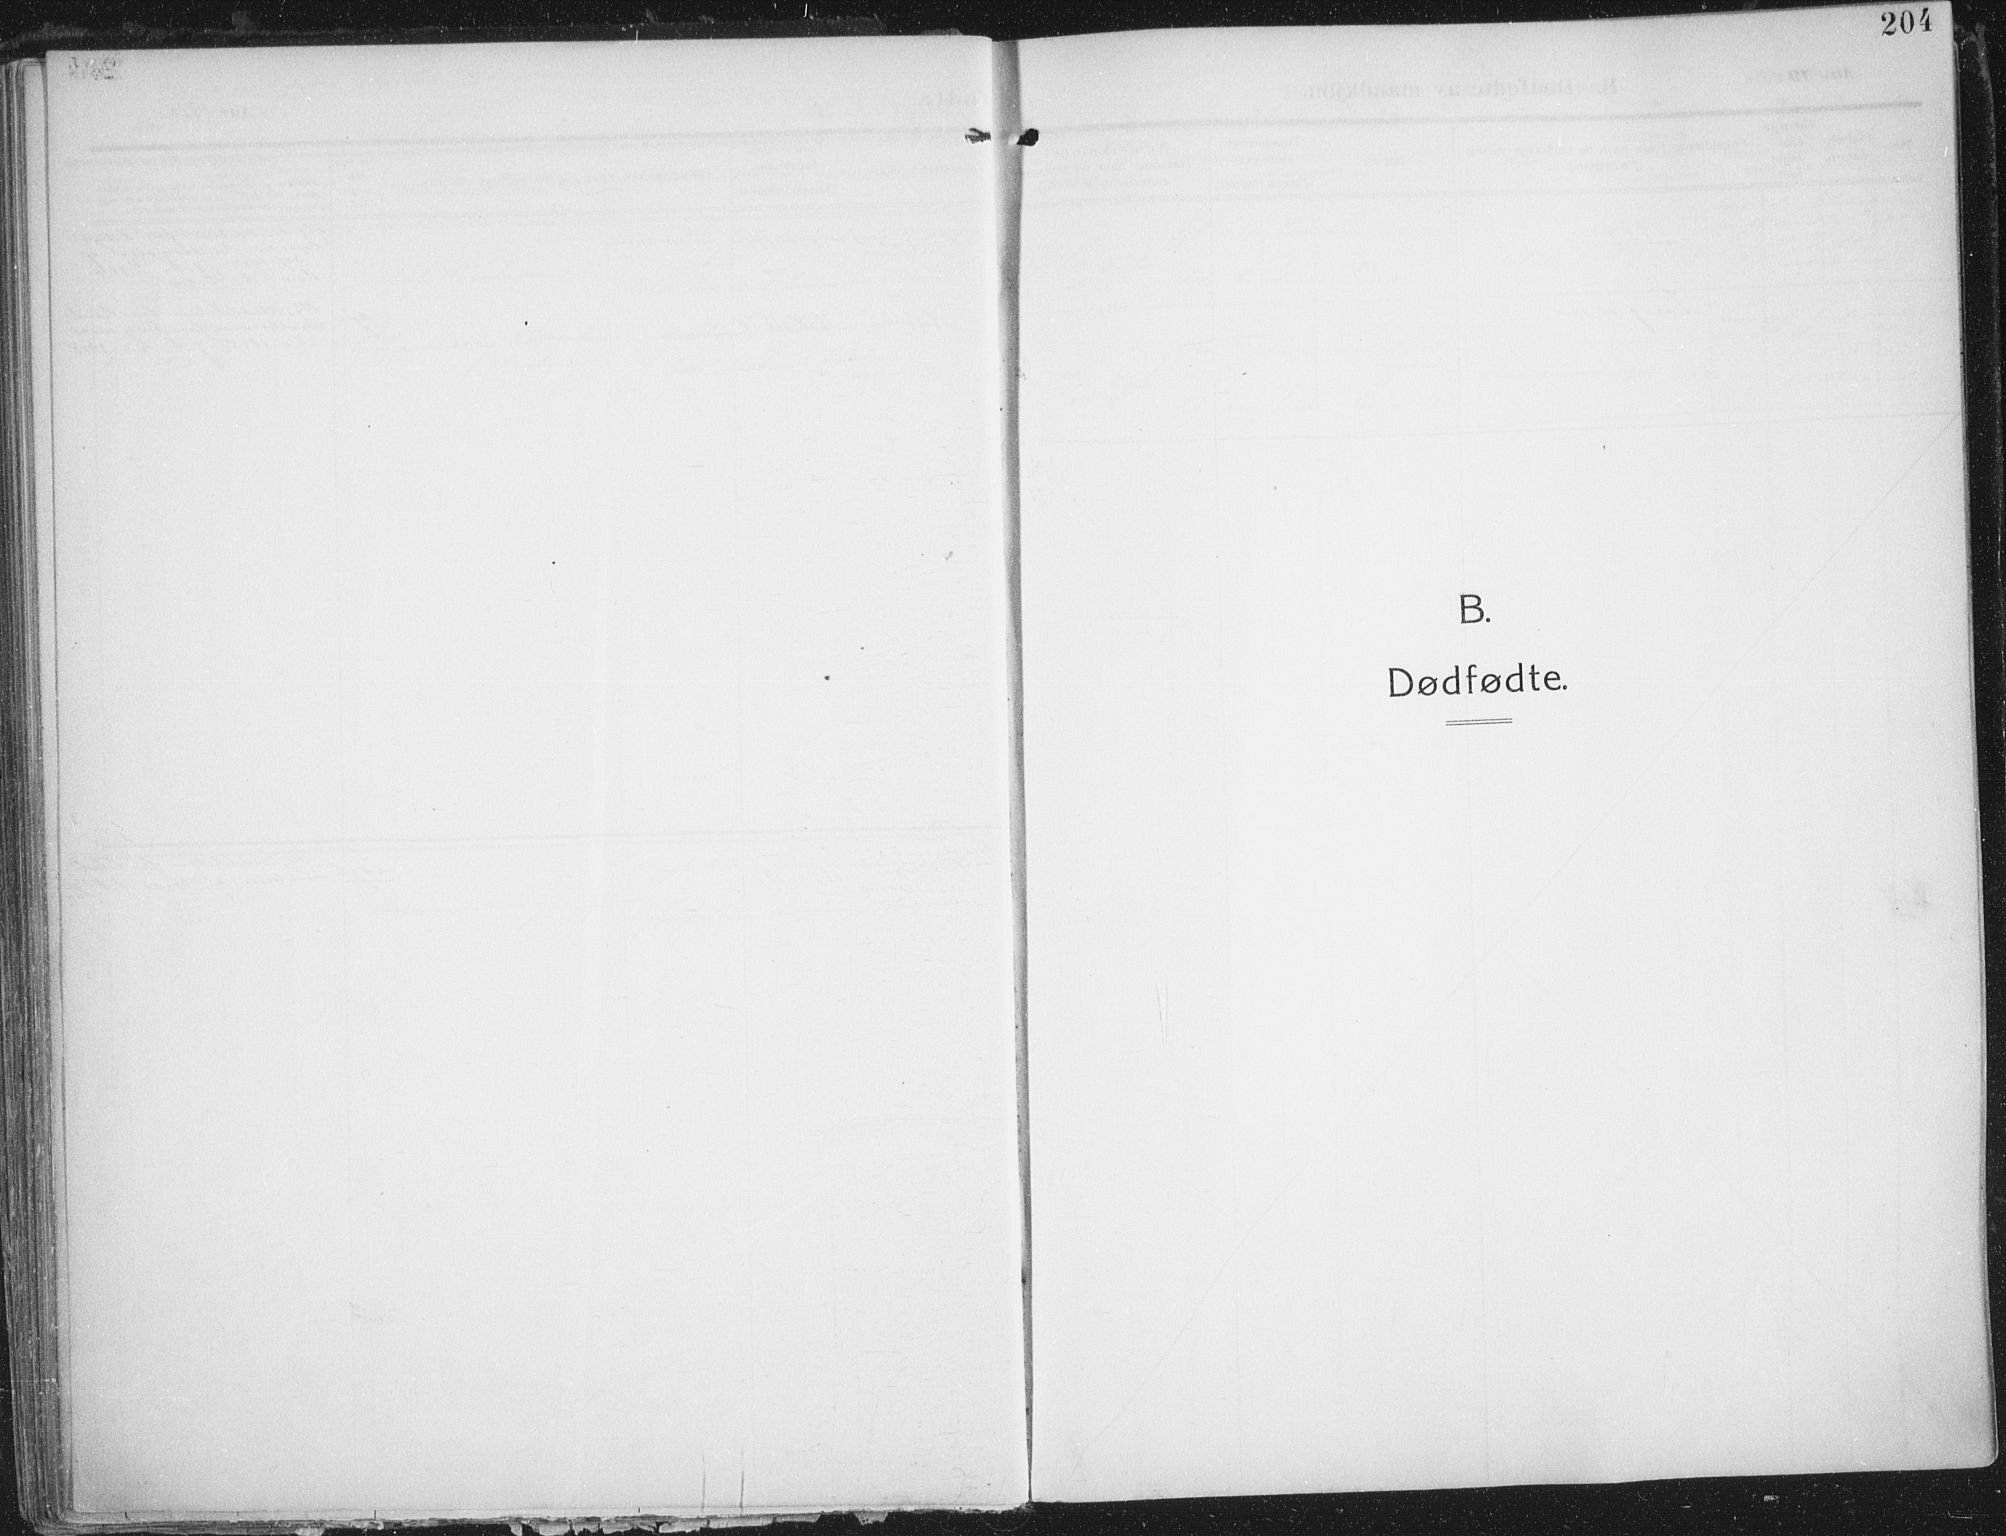 SATØ, Trondenes sokneprestkontor, H/Ha/L0018kirke: Ministerialbok nr. 18, 1909-1918, s. 204